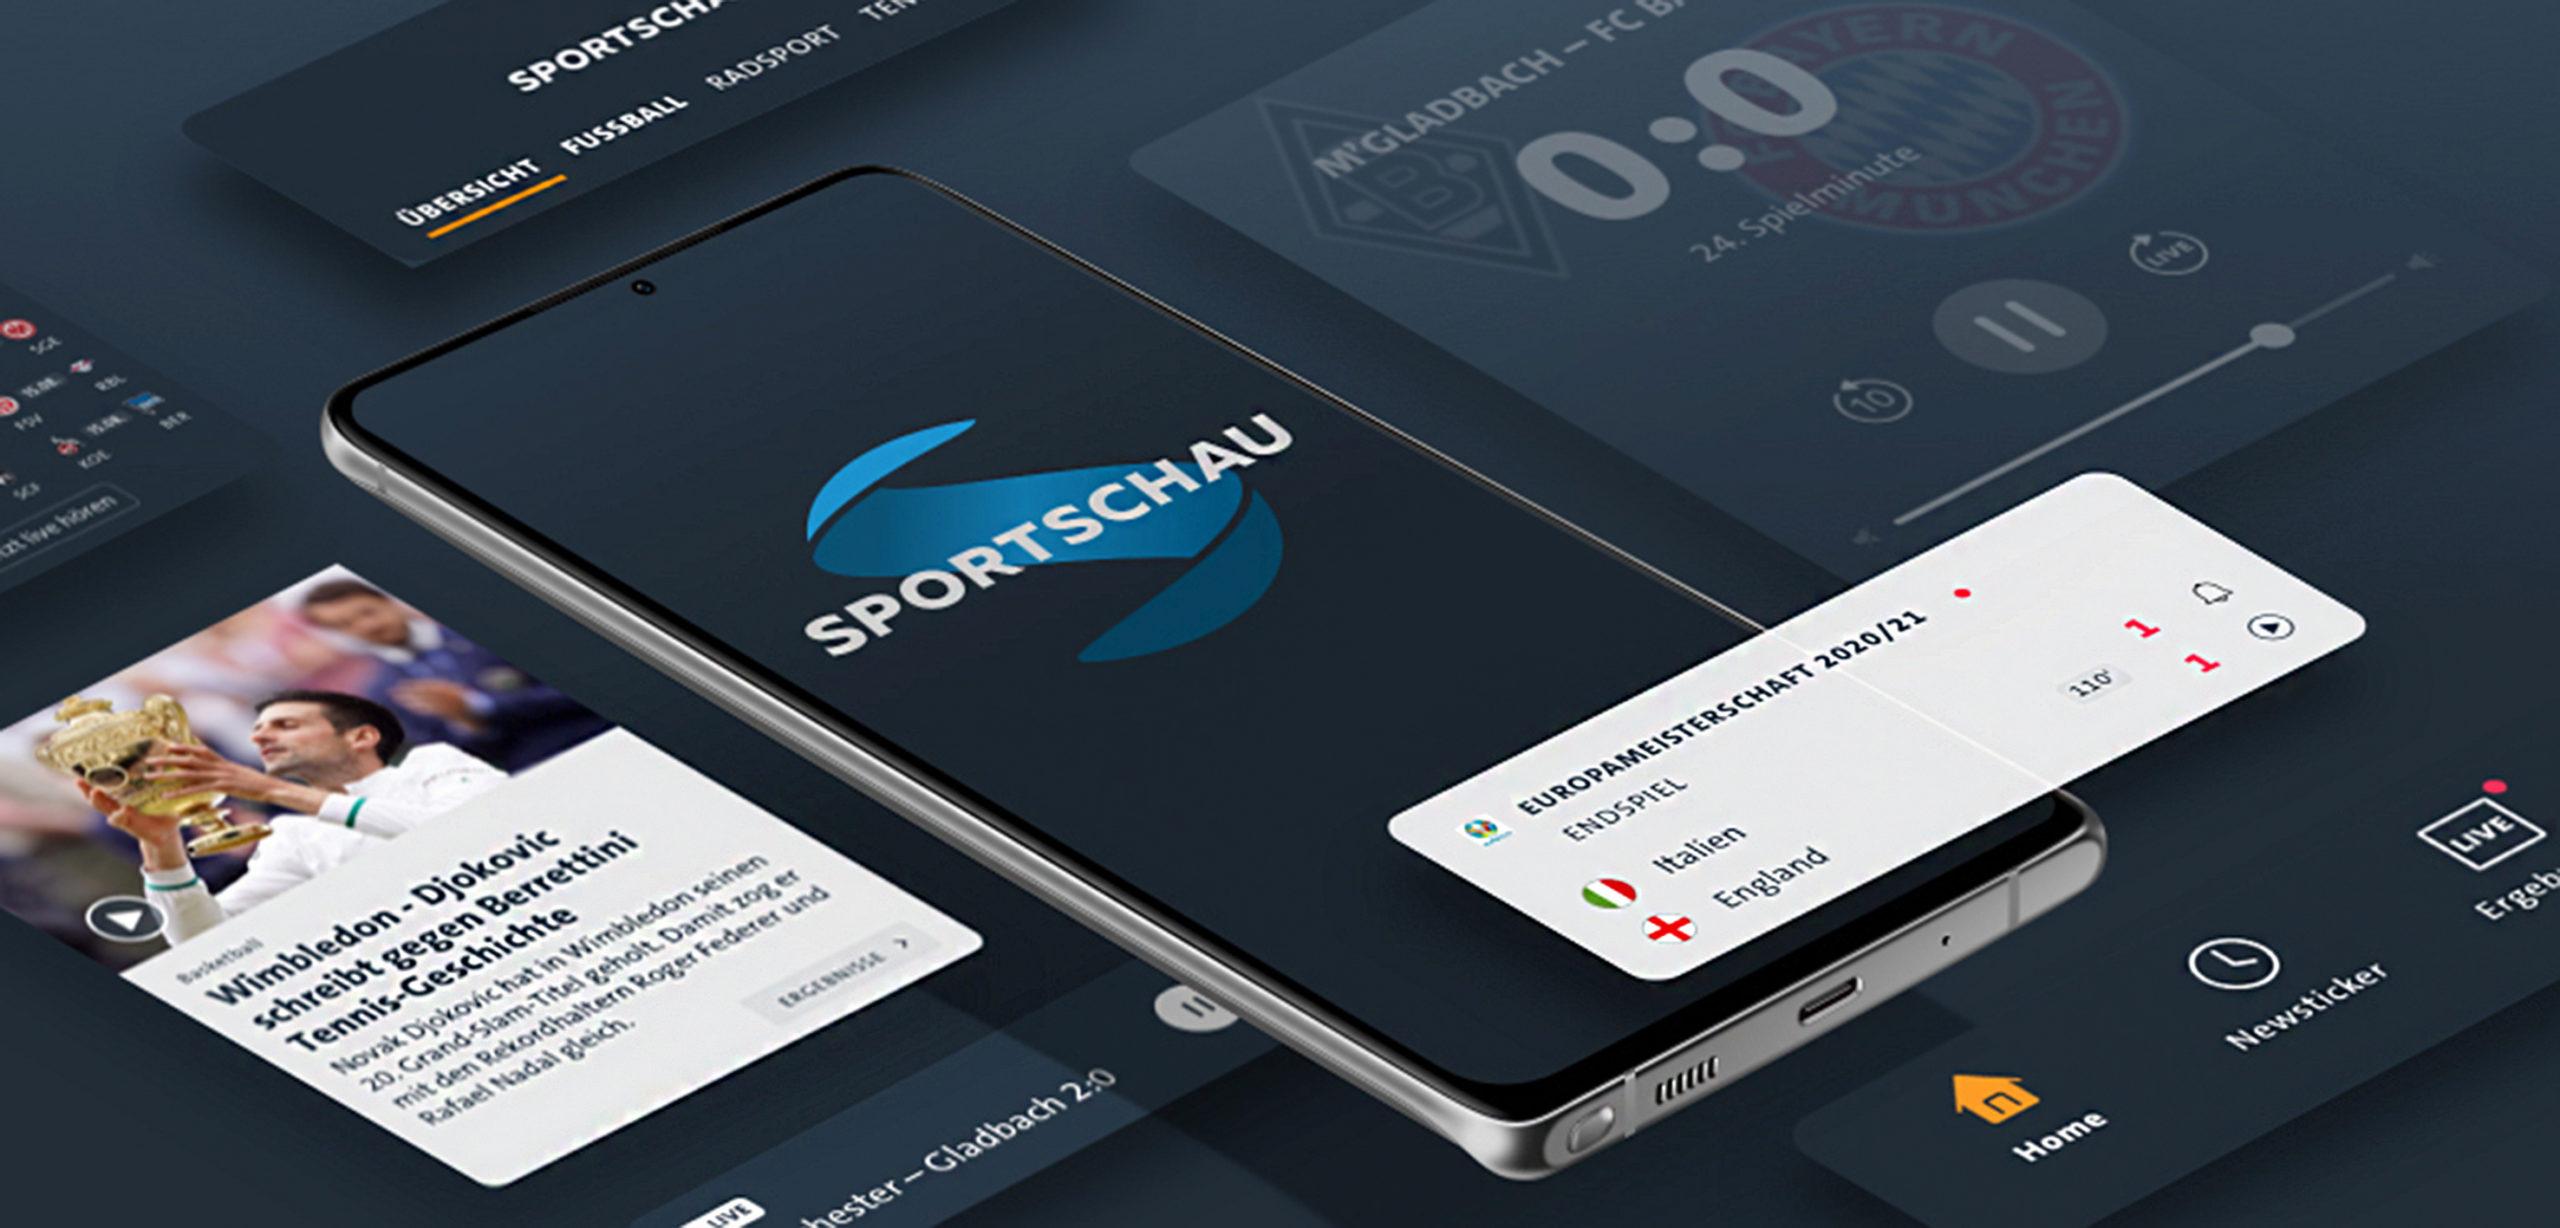 Neue Sportschau-App